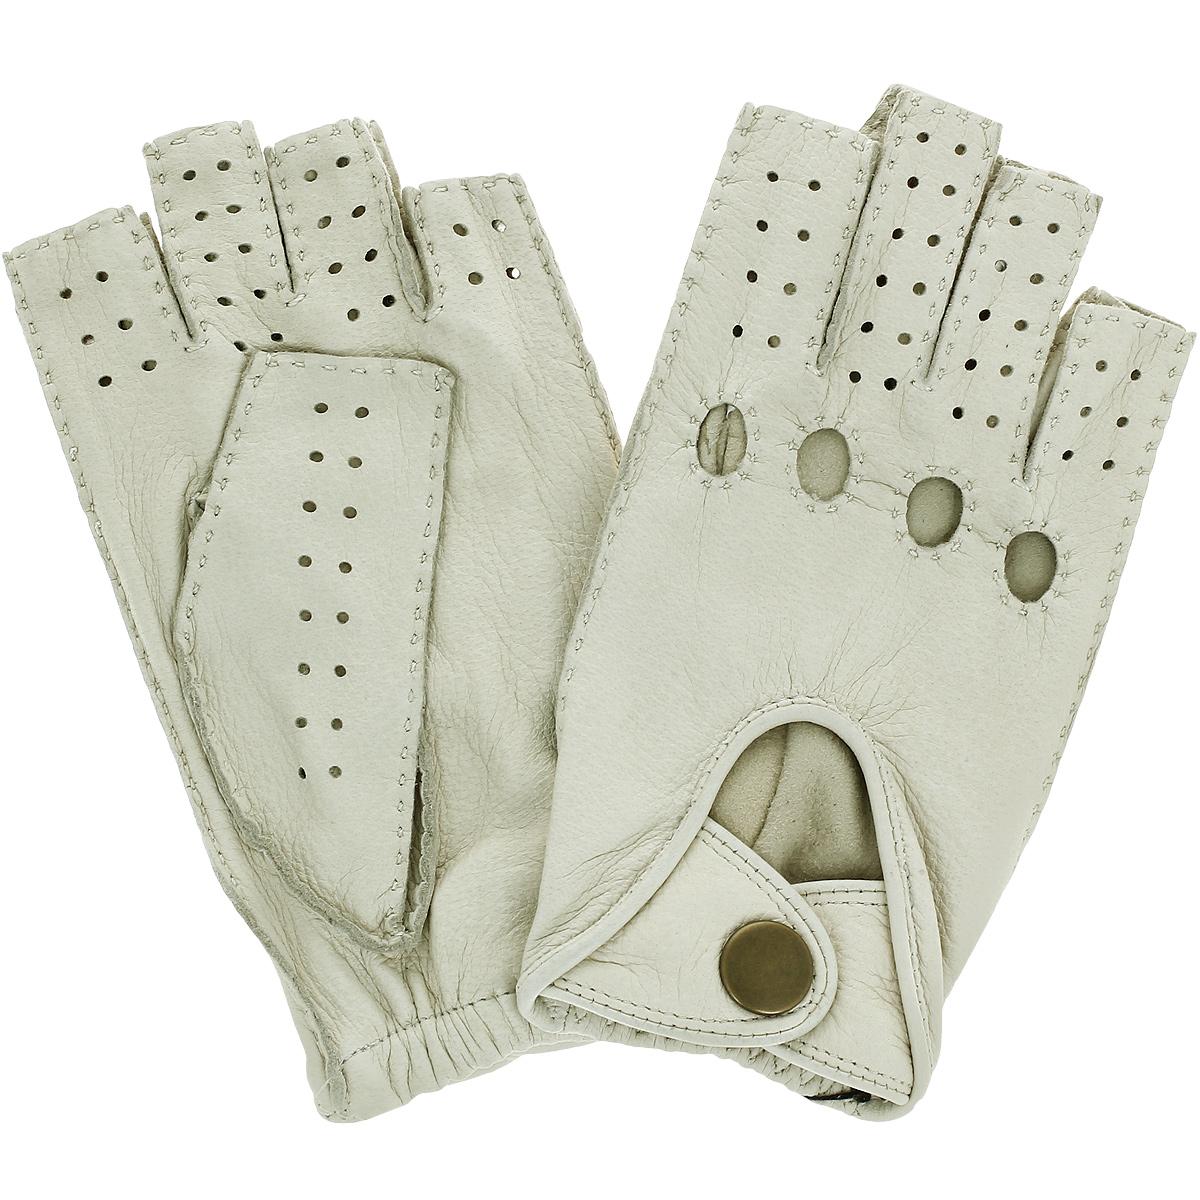 Перчатки унисекс Dali Exclusive, цвет: слоновая кость. DMG0.5/IVORY. Размер 9,5 перчатки унисекс dali exclusive цвет черный is1 bl размер 8